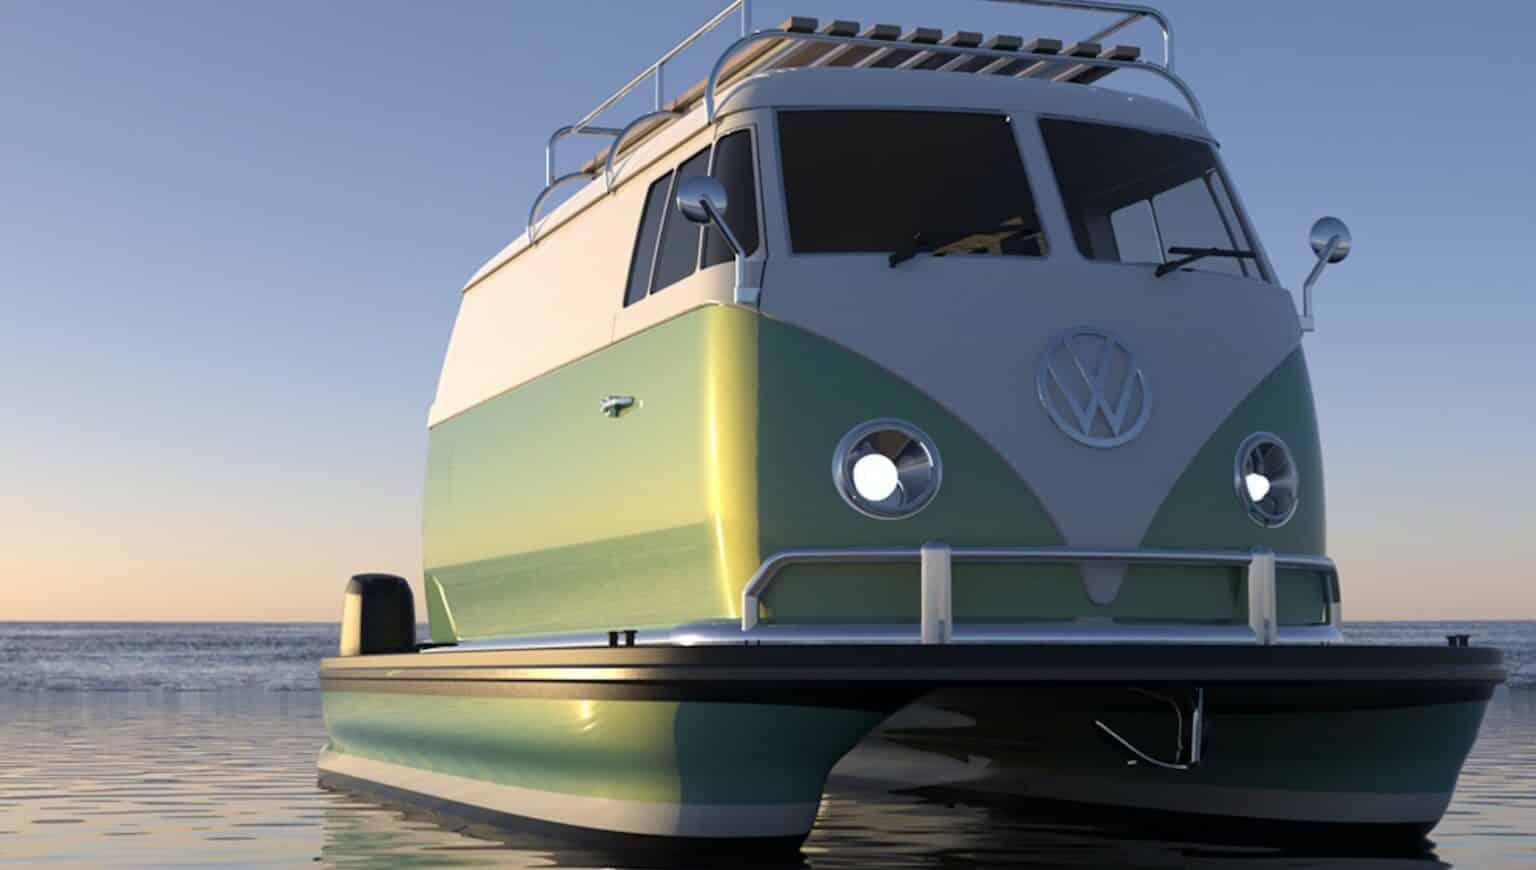 Volkswagen buss boat